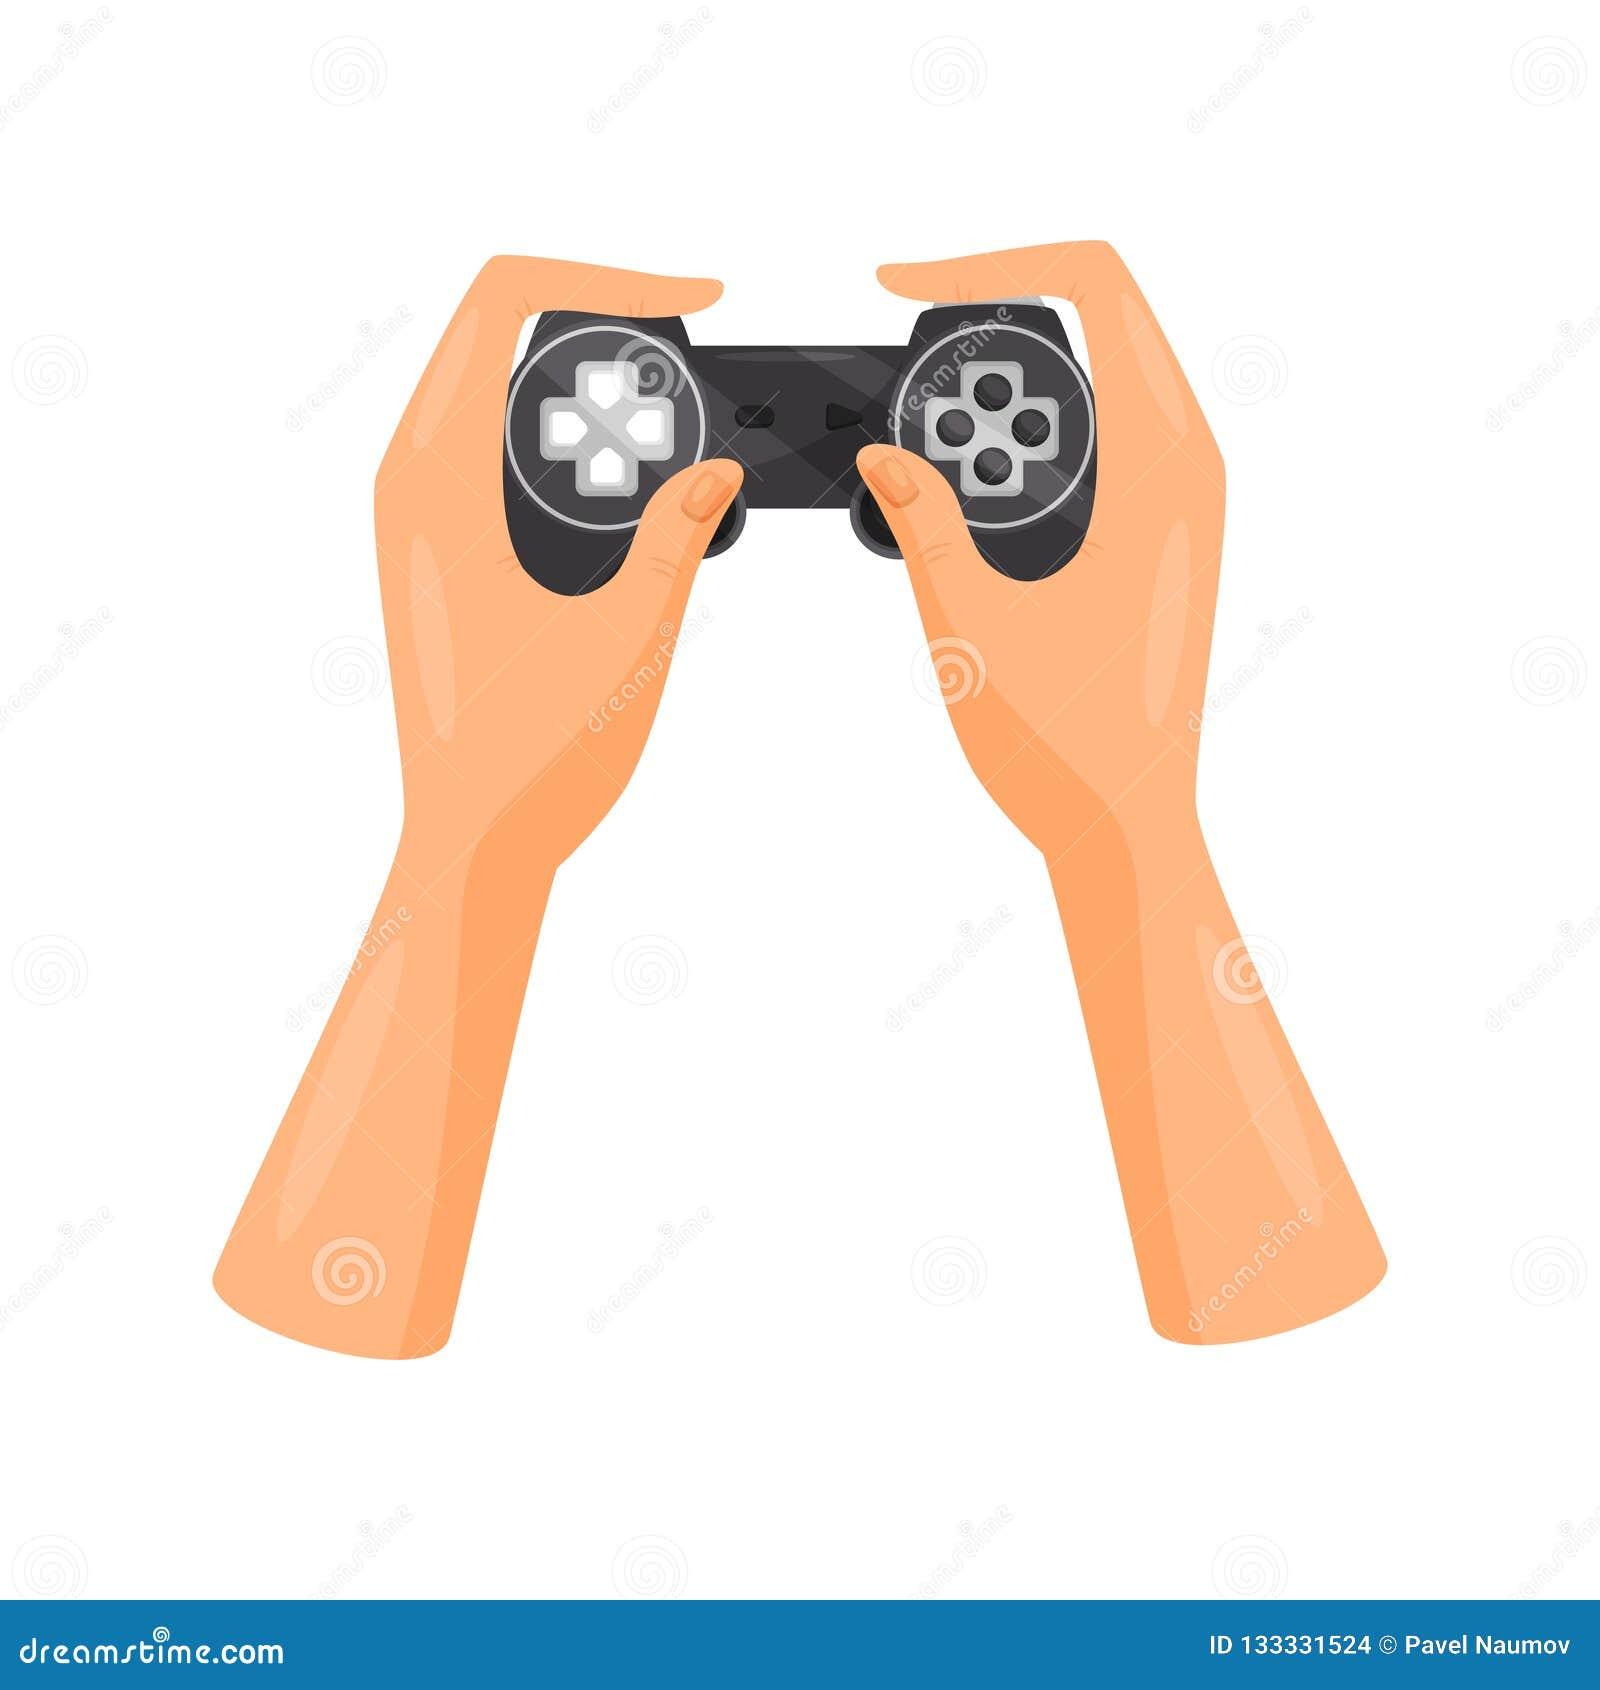 Χέρια που κρατούν τον τηλεοπτικό ελεγκτή παιχνιδιών, διανυσματική απεικόνιση έννοιας τυχερού παιχνιδιού σε ένα άσπρο υπόβαθρο